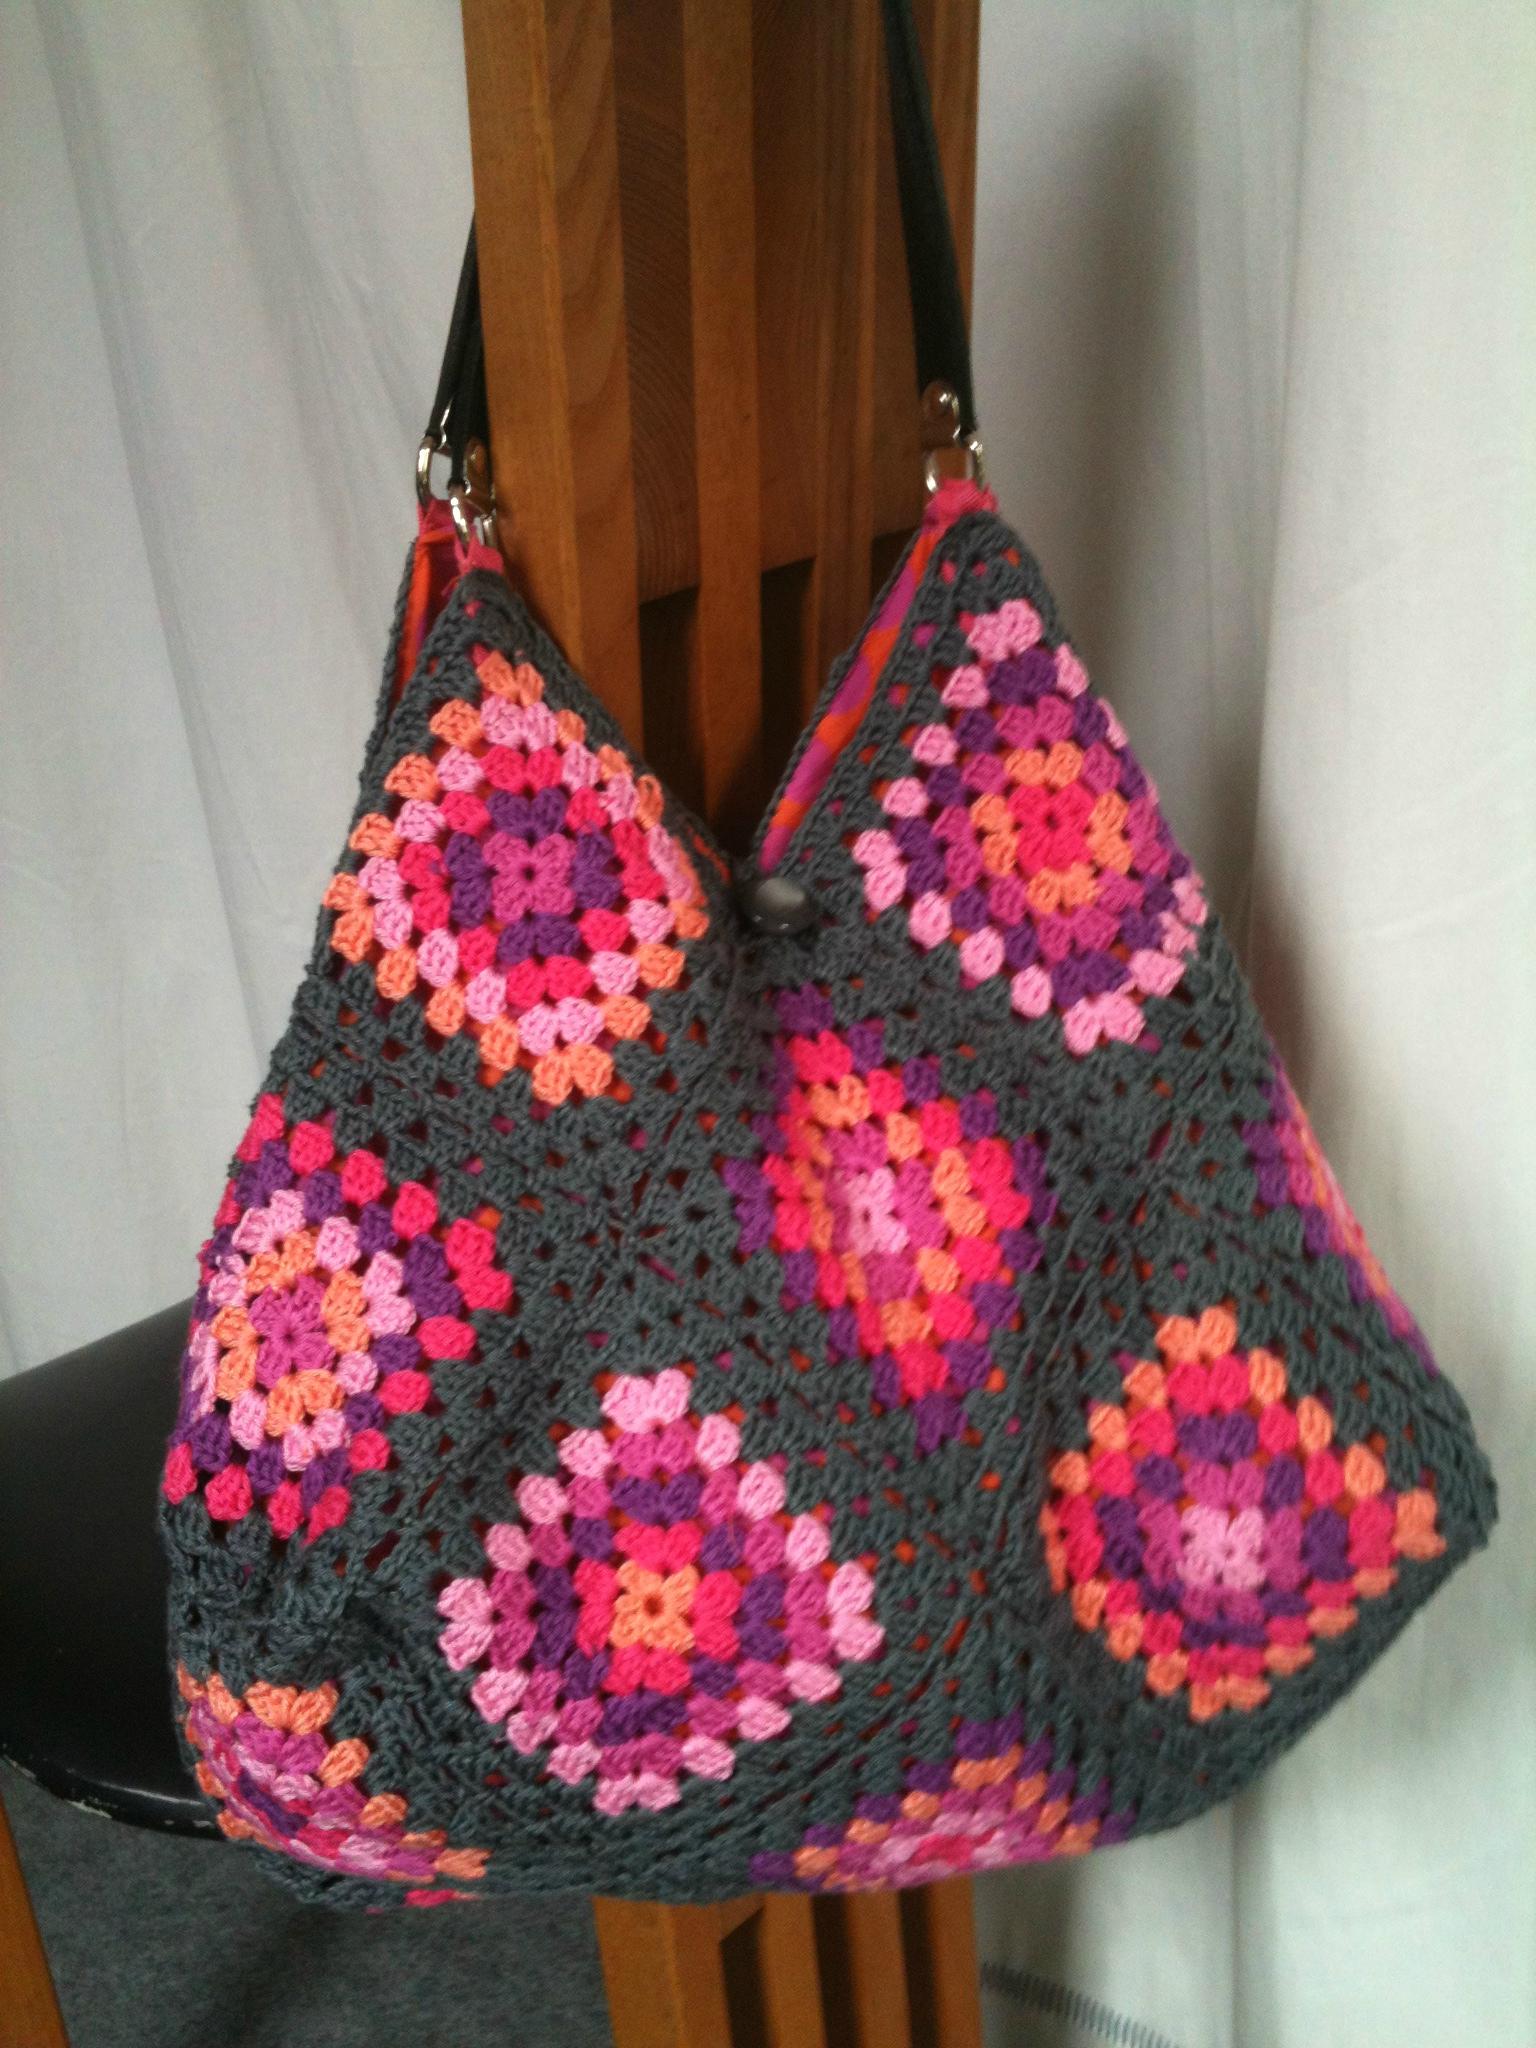 Modele De Sac Patchwork Gratuit : Mod?le sac tricot crochet